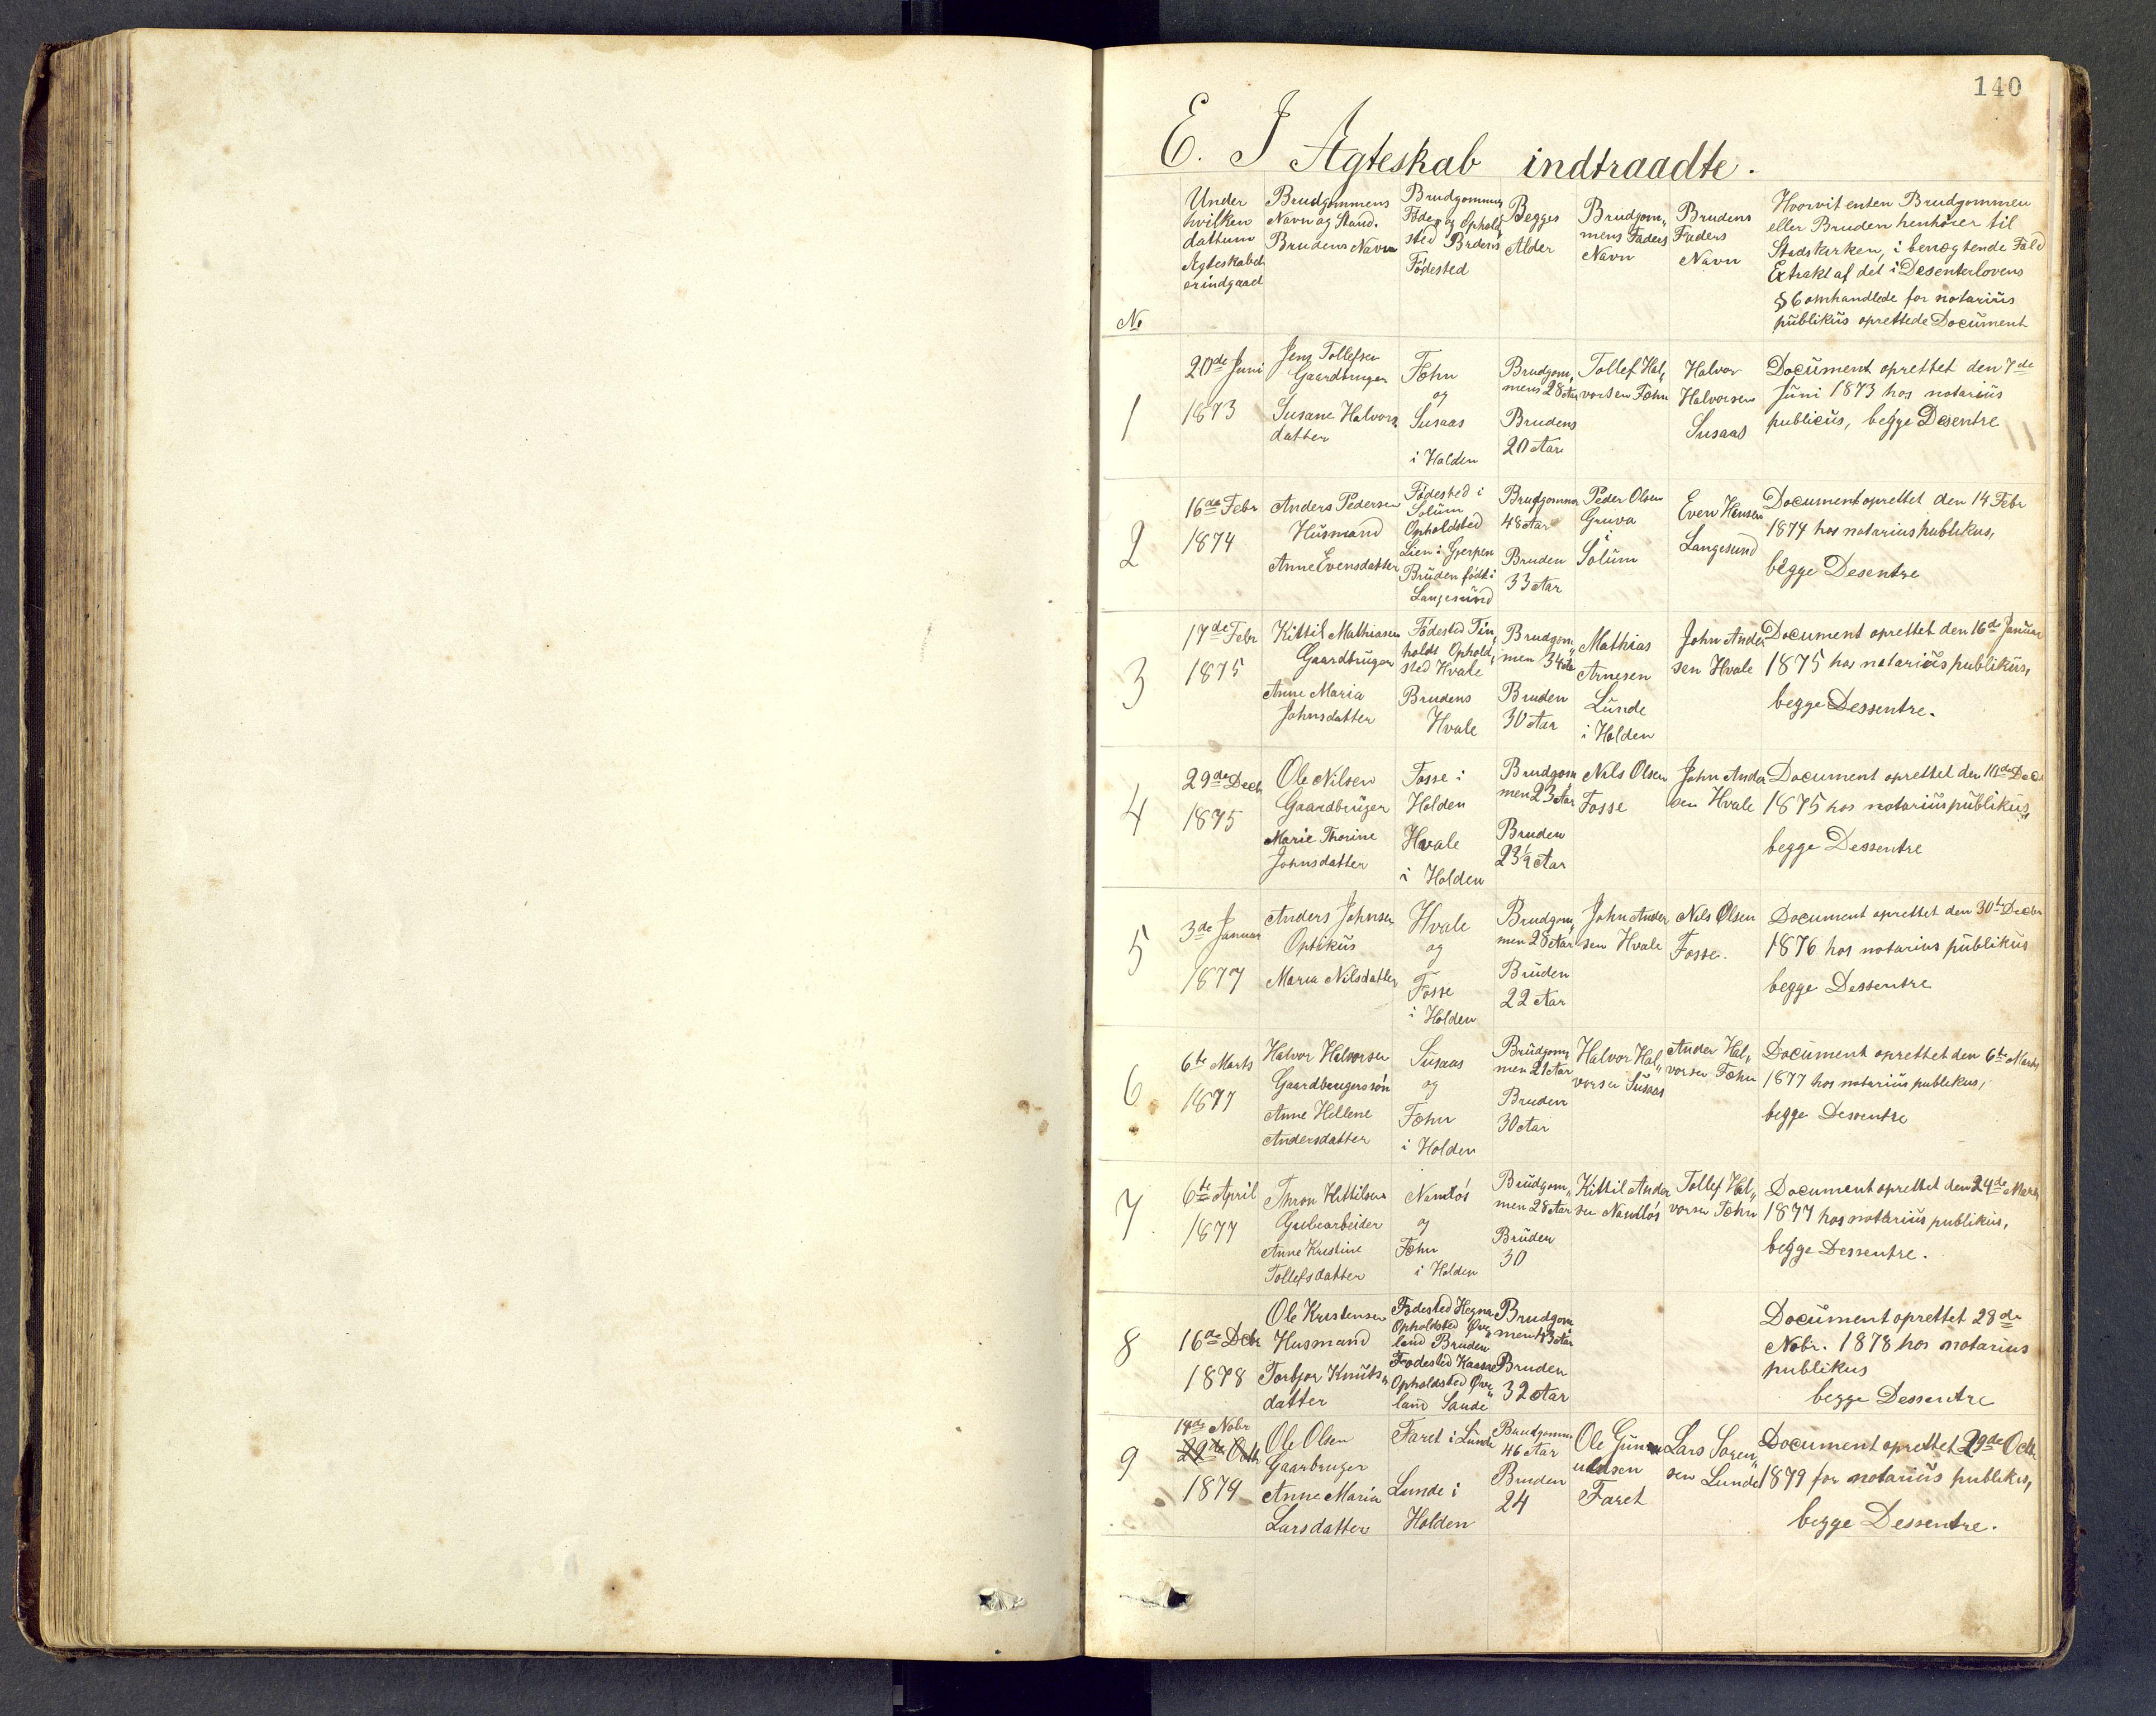 SAKO, Den evangeliske lutherske frimenighet (SAKO), Dissenterprotokoll nr. Fa/L0001, 1872-1906, s. 140